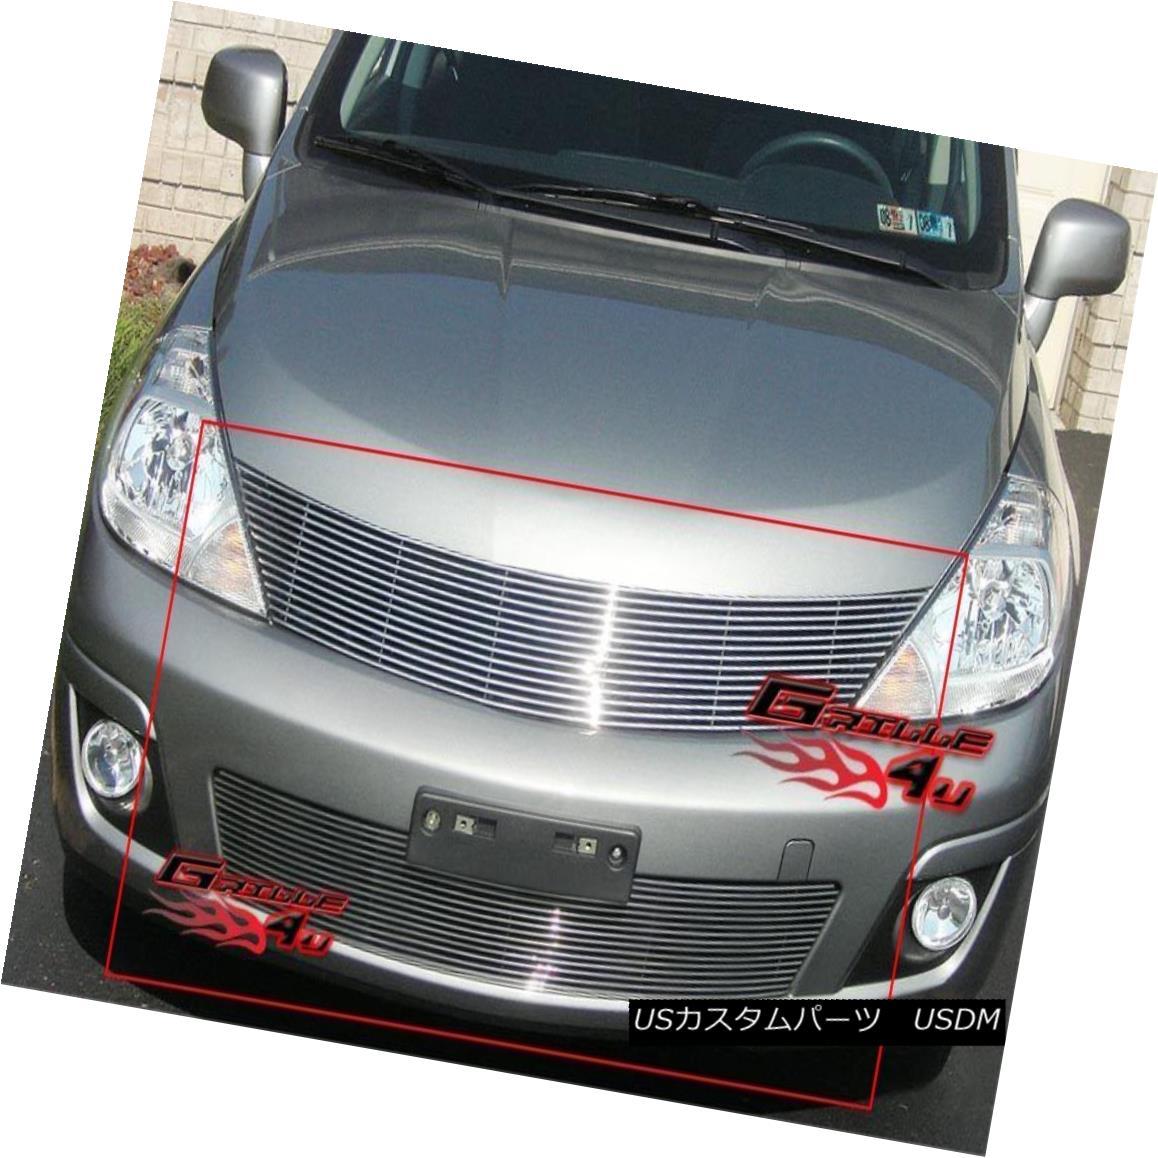 グリル Fits 07-11 2011 Nissan Versa Billet Grille Combo フィット07-11 2011 Nissan Versa Billet Grille Combo